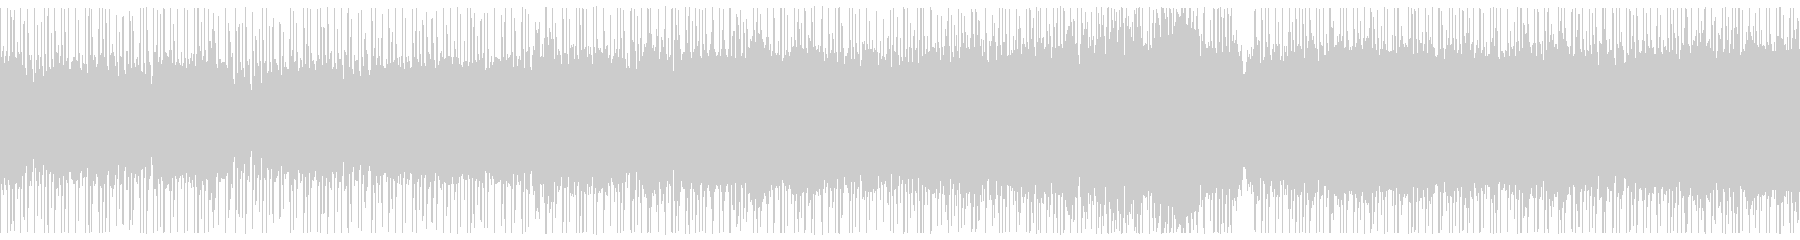 エレキ生アンプ、爽やか西海岸ロックの未再生の波形